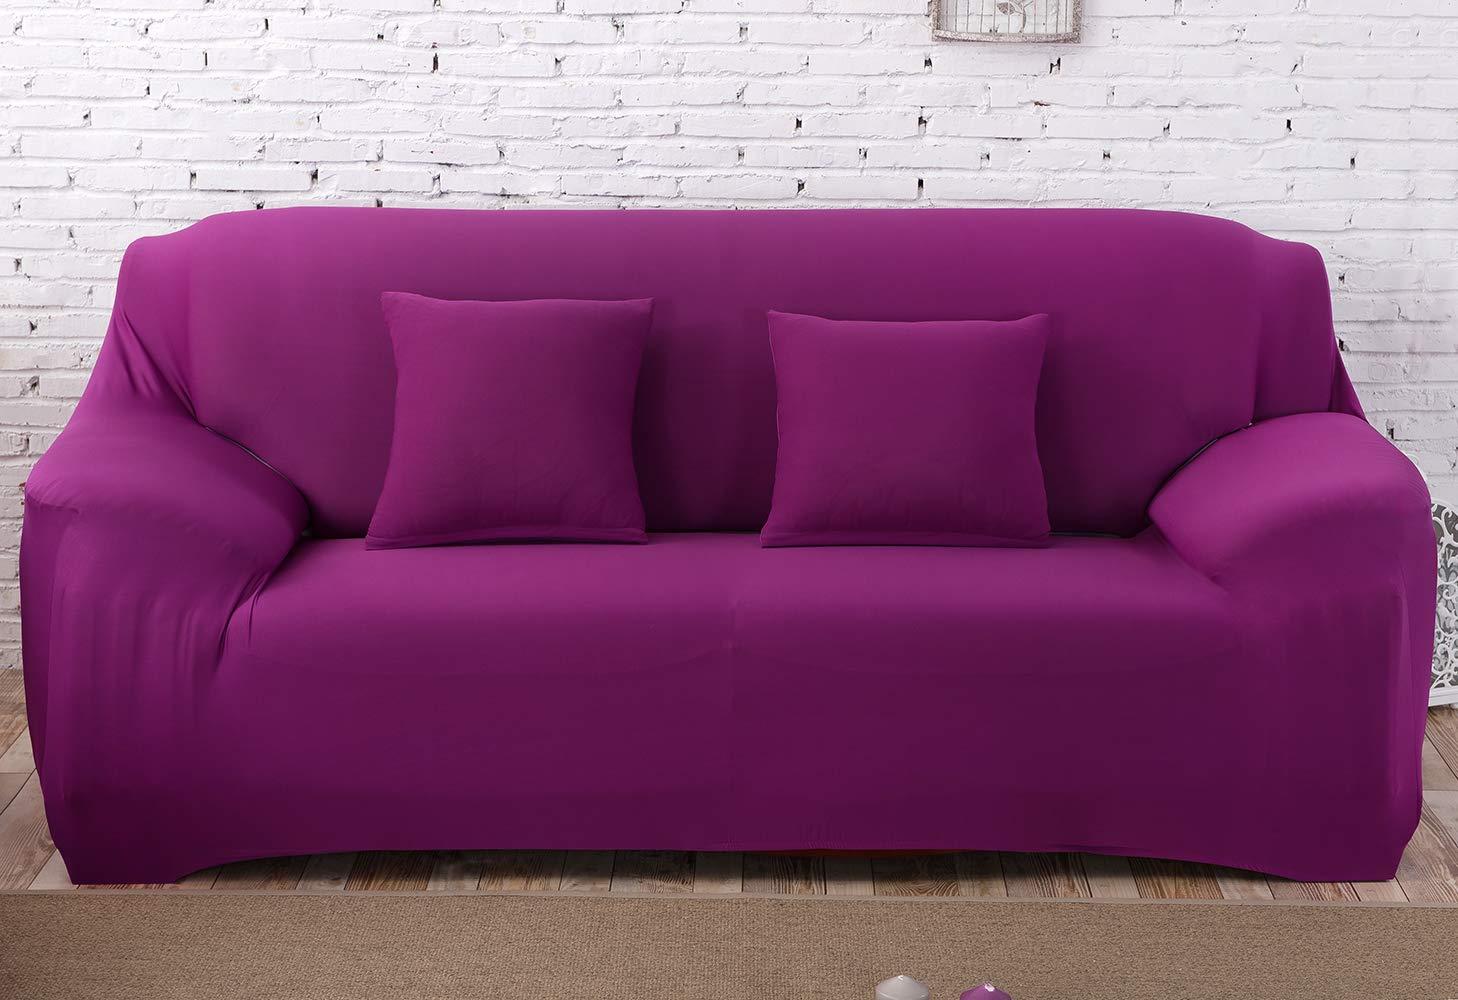 MeOkey Funda para Sofá Cubierta de Sofá Poliéster Elástico para Sofa de 3 Plaza (190-230 CM)